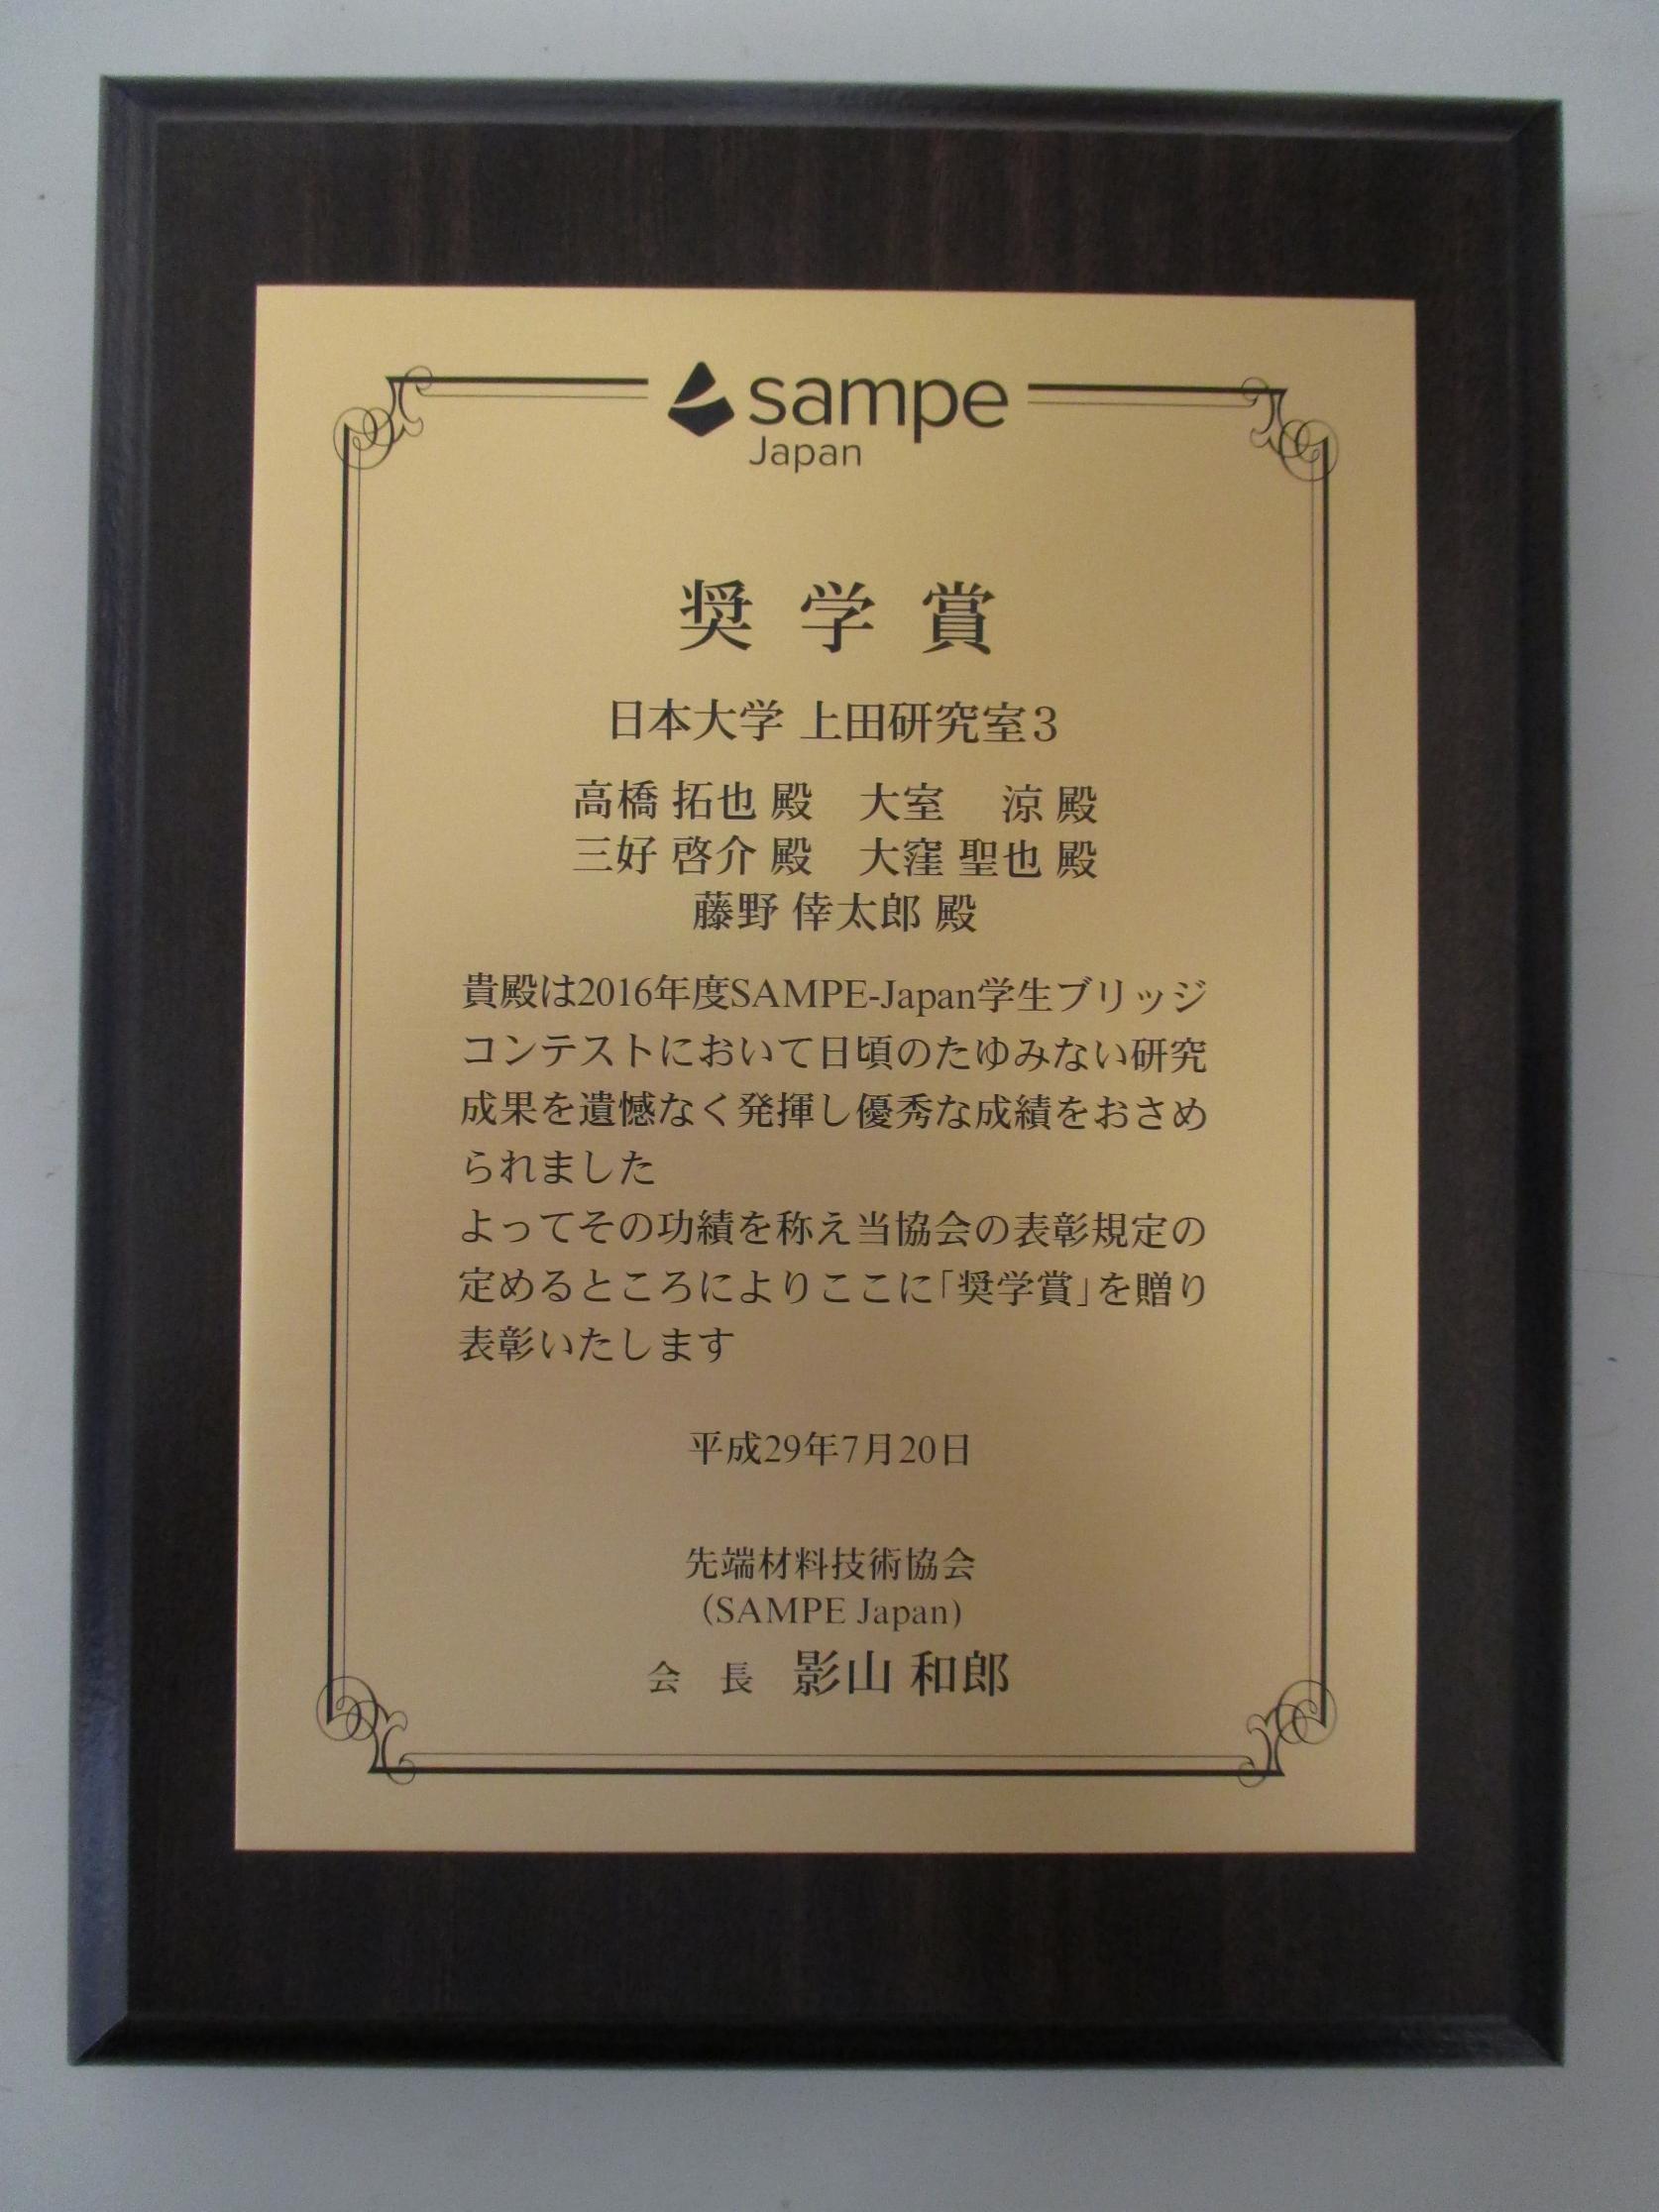 機械工学専攻の大室さん、髙橋さん、三好さん、機械工学科の大窪さん、藤野さんが、「2016年度SAMPE-Japan学生ブリッジコンテスト」において先端材料技術協会より奨学賞を受賞しました。